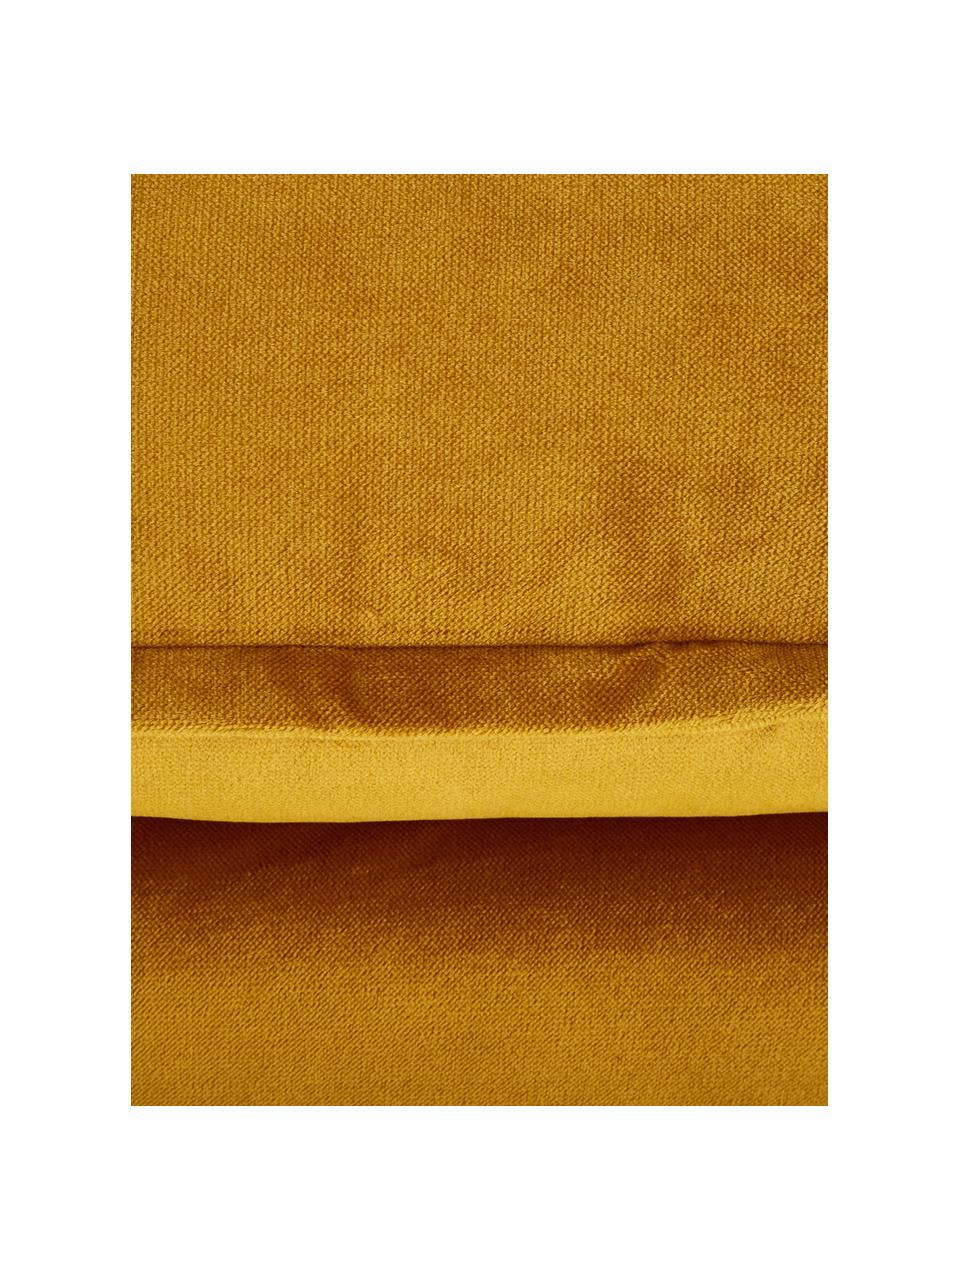 Fluwelen bank Retro (2-zits) in geel met metalen poten, Bekleding: polyester fluweel, Frame: MDF, houtvezelplaat, Poten: gepoedercoat metaal, Fluweel okergeel, B 175 x D 83 cm